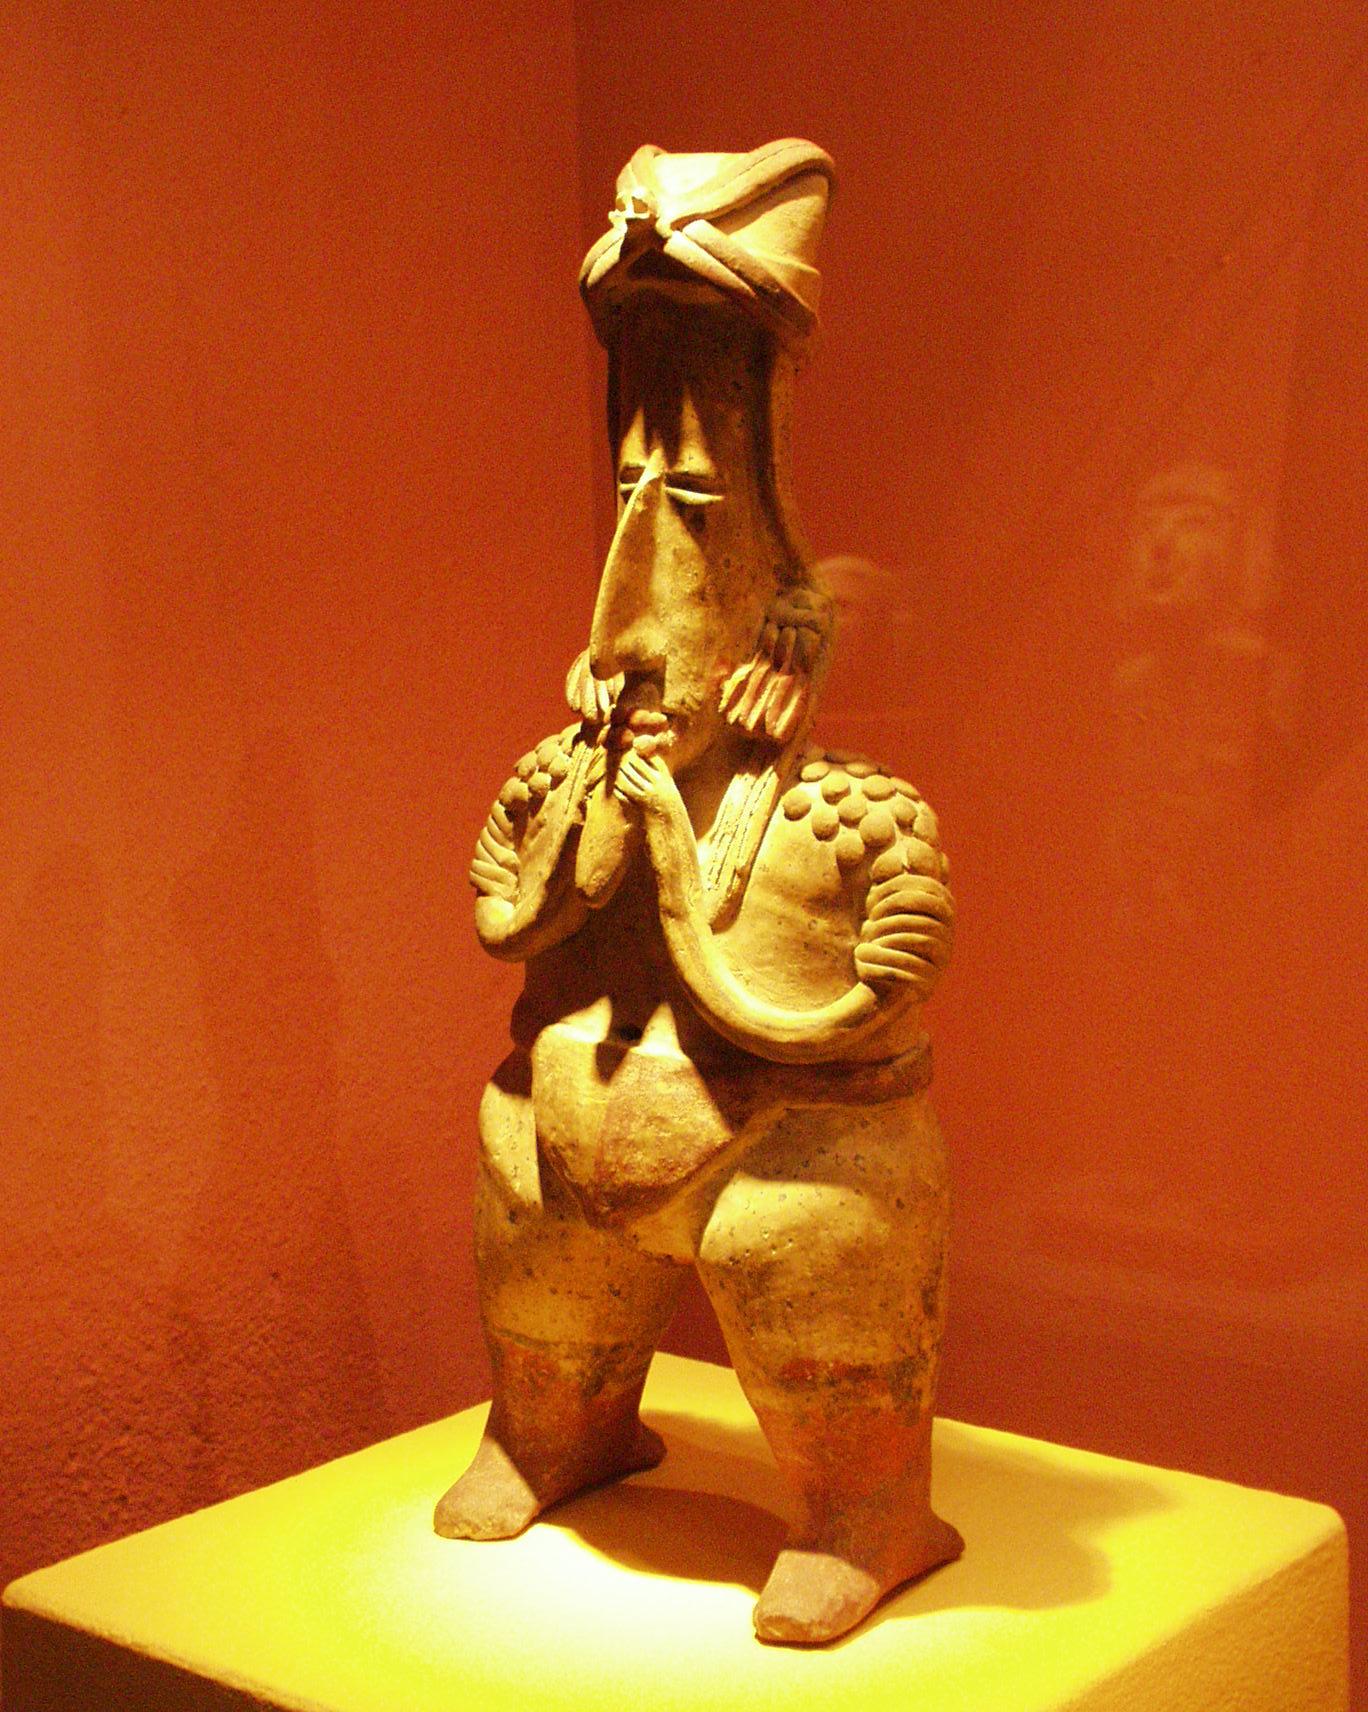 Museo Amparo Puebla Wikipedia File:puebla Museo Amparo